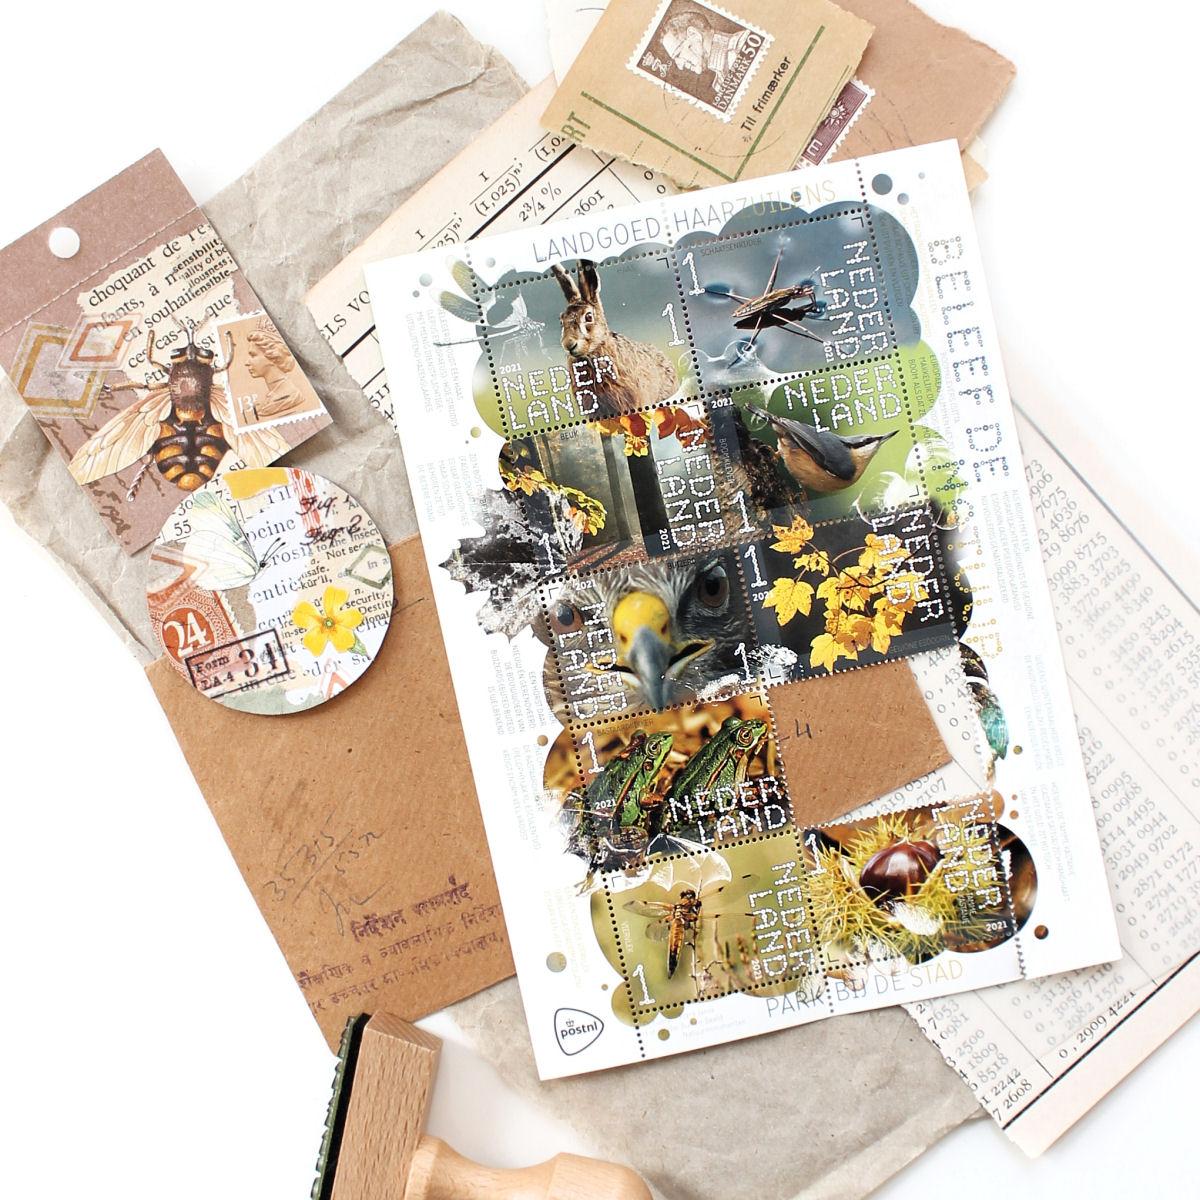 Botanische postzegels: Beleef de natuur - Landgoed Haarzuilens